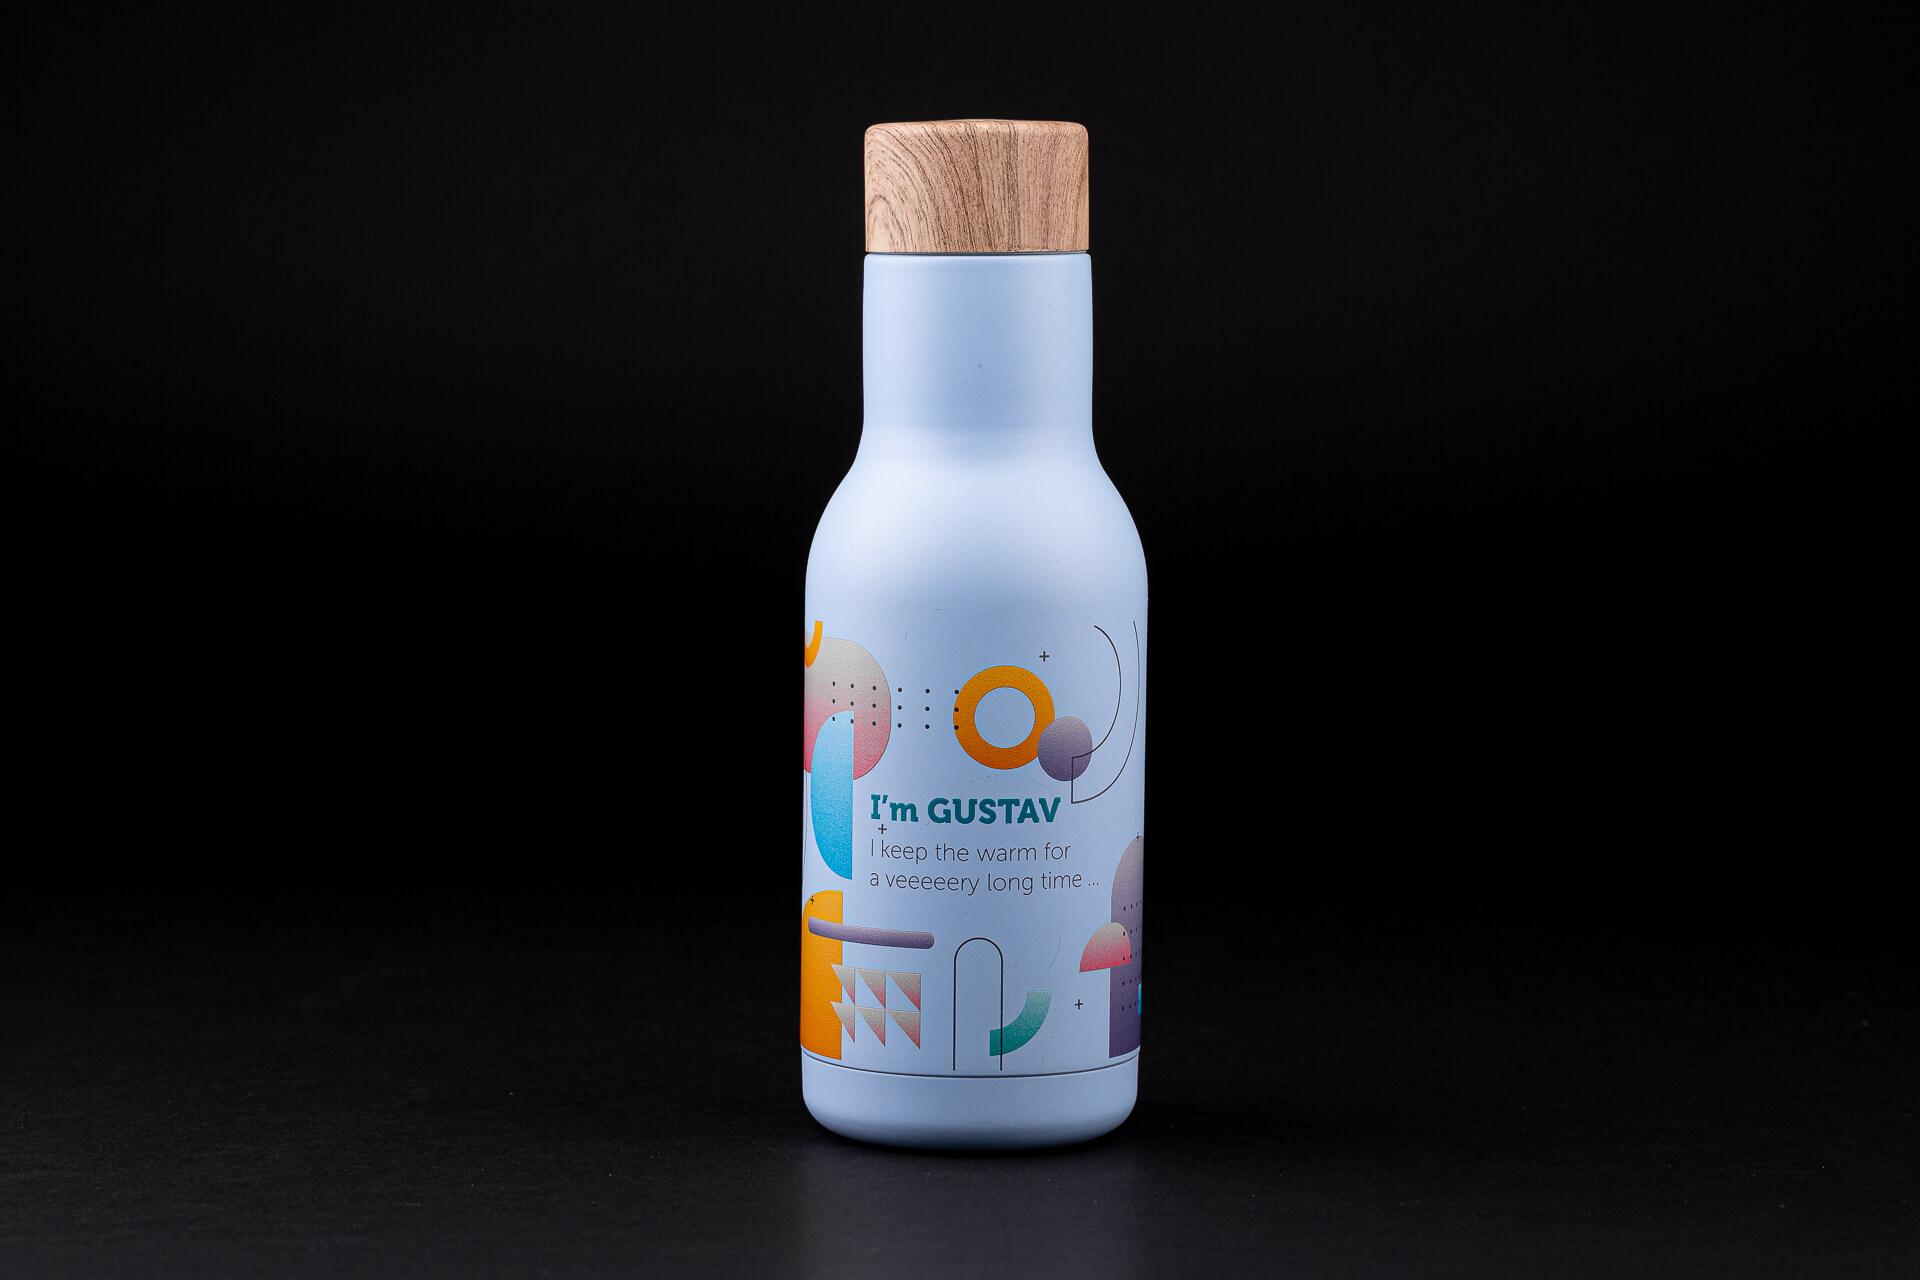 butelka termiczna gustaw toppoint gadżety firmowe z logo